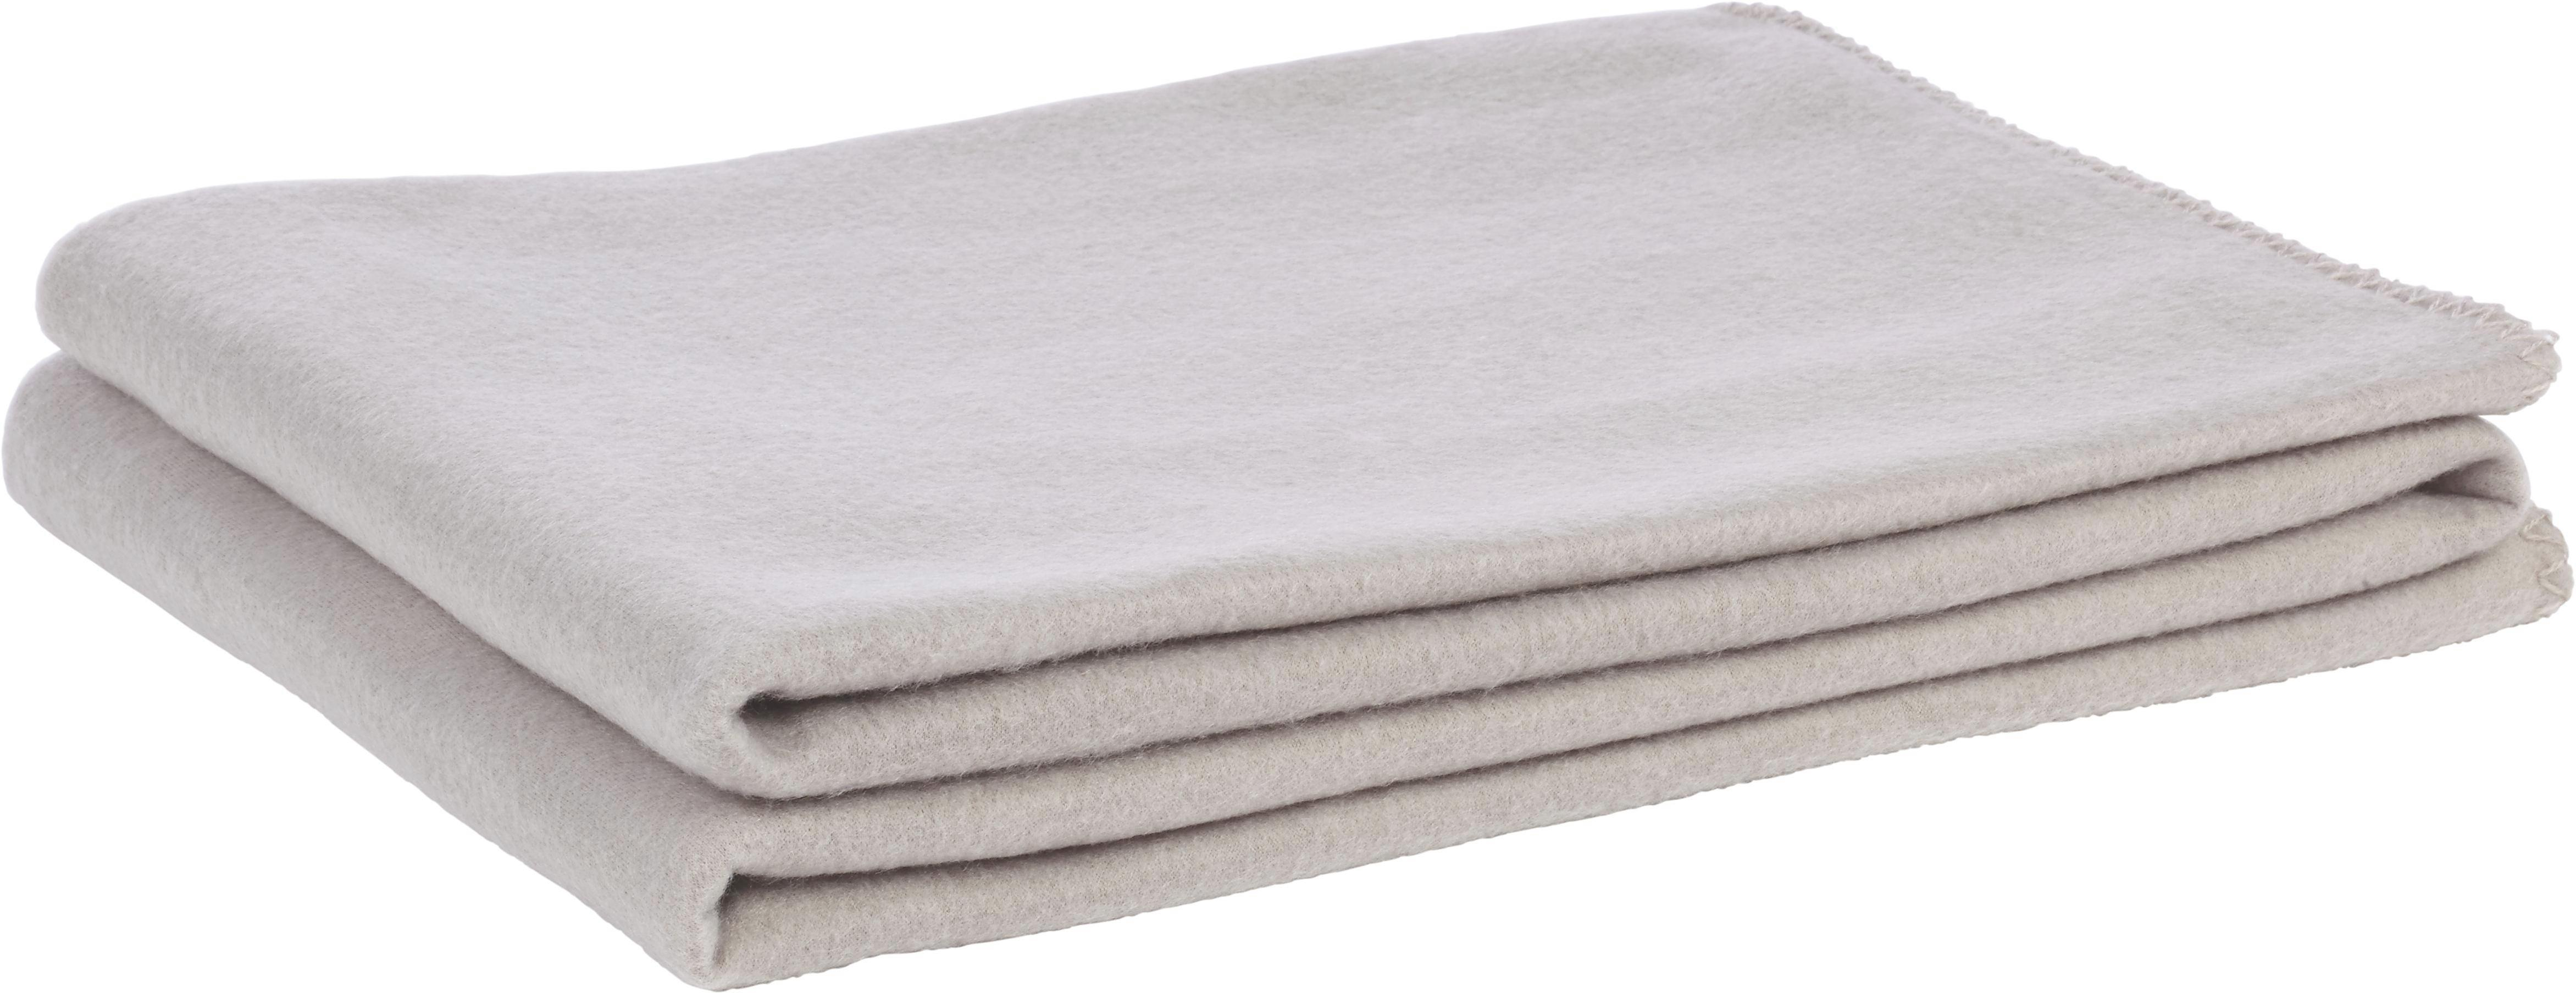 Fleecová Přikrývka Trendix - šedá, textil (130/180cm) - MÖMAX modern living